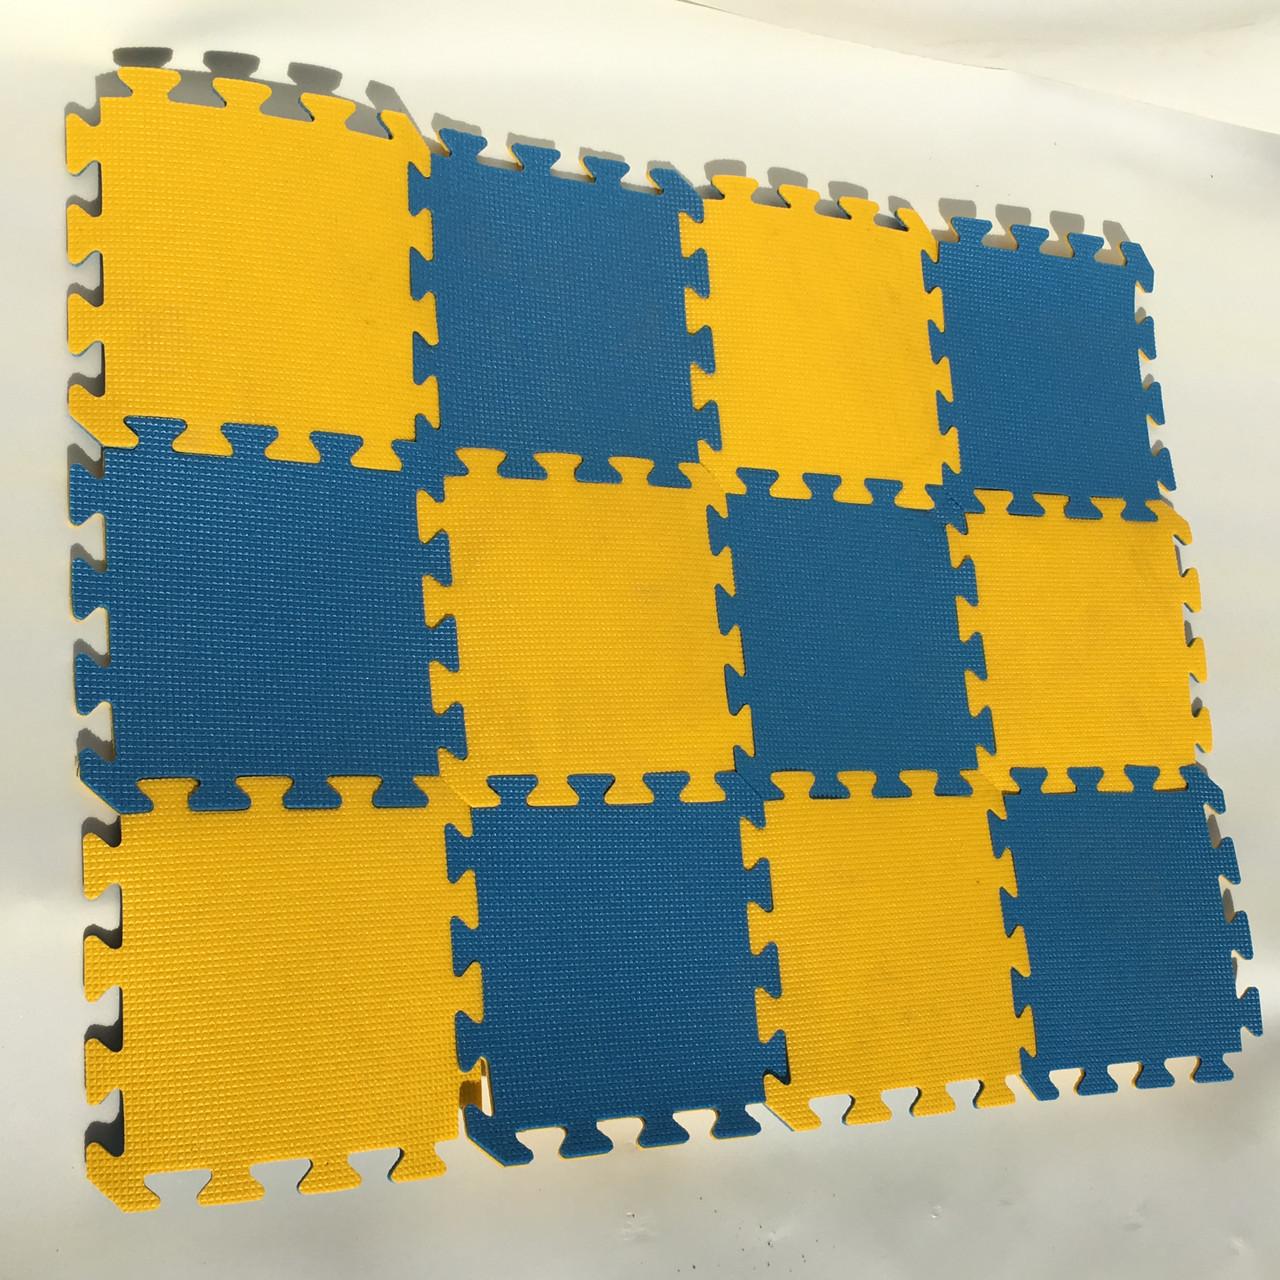 Lanor Детский мягкий пол-пазл 300*300*8мм желто-синий